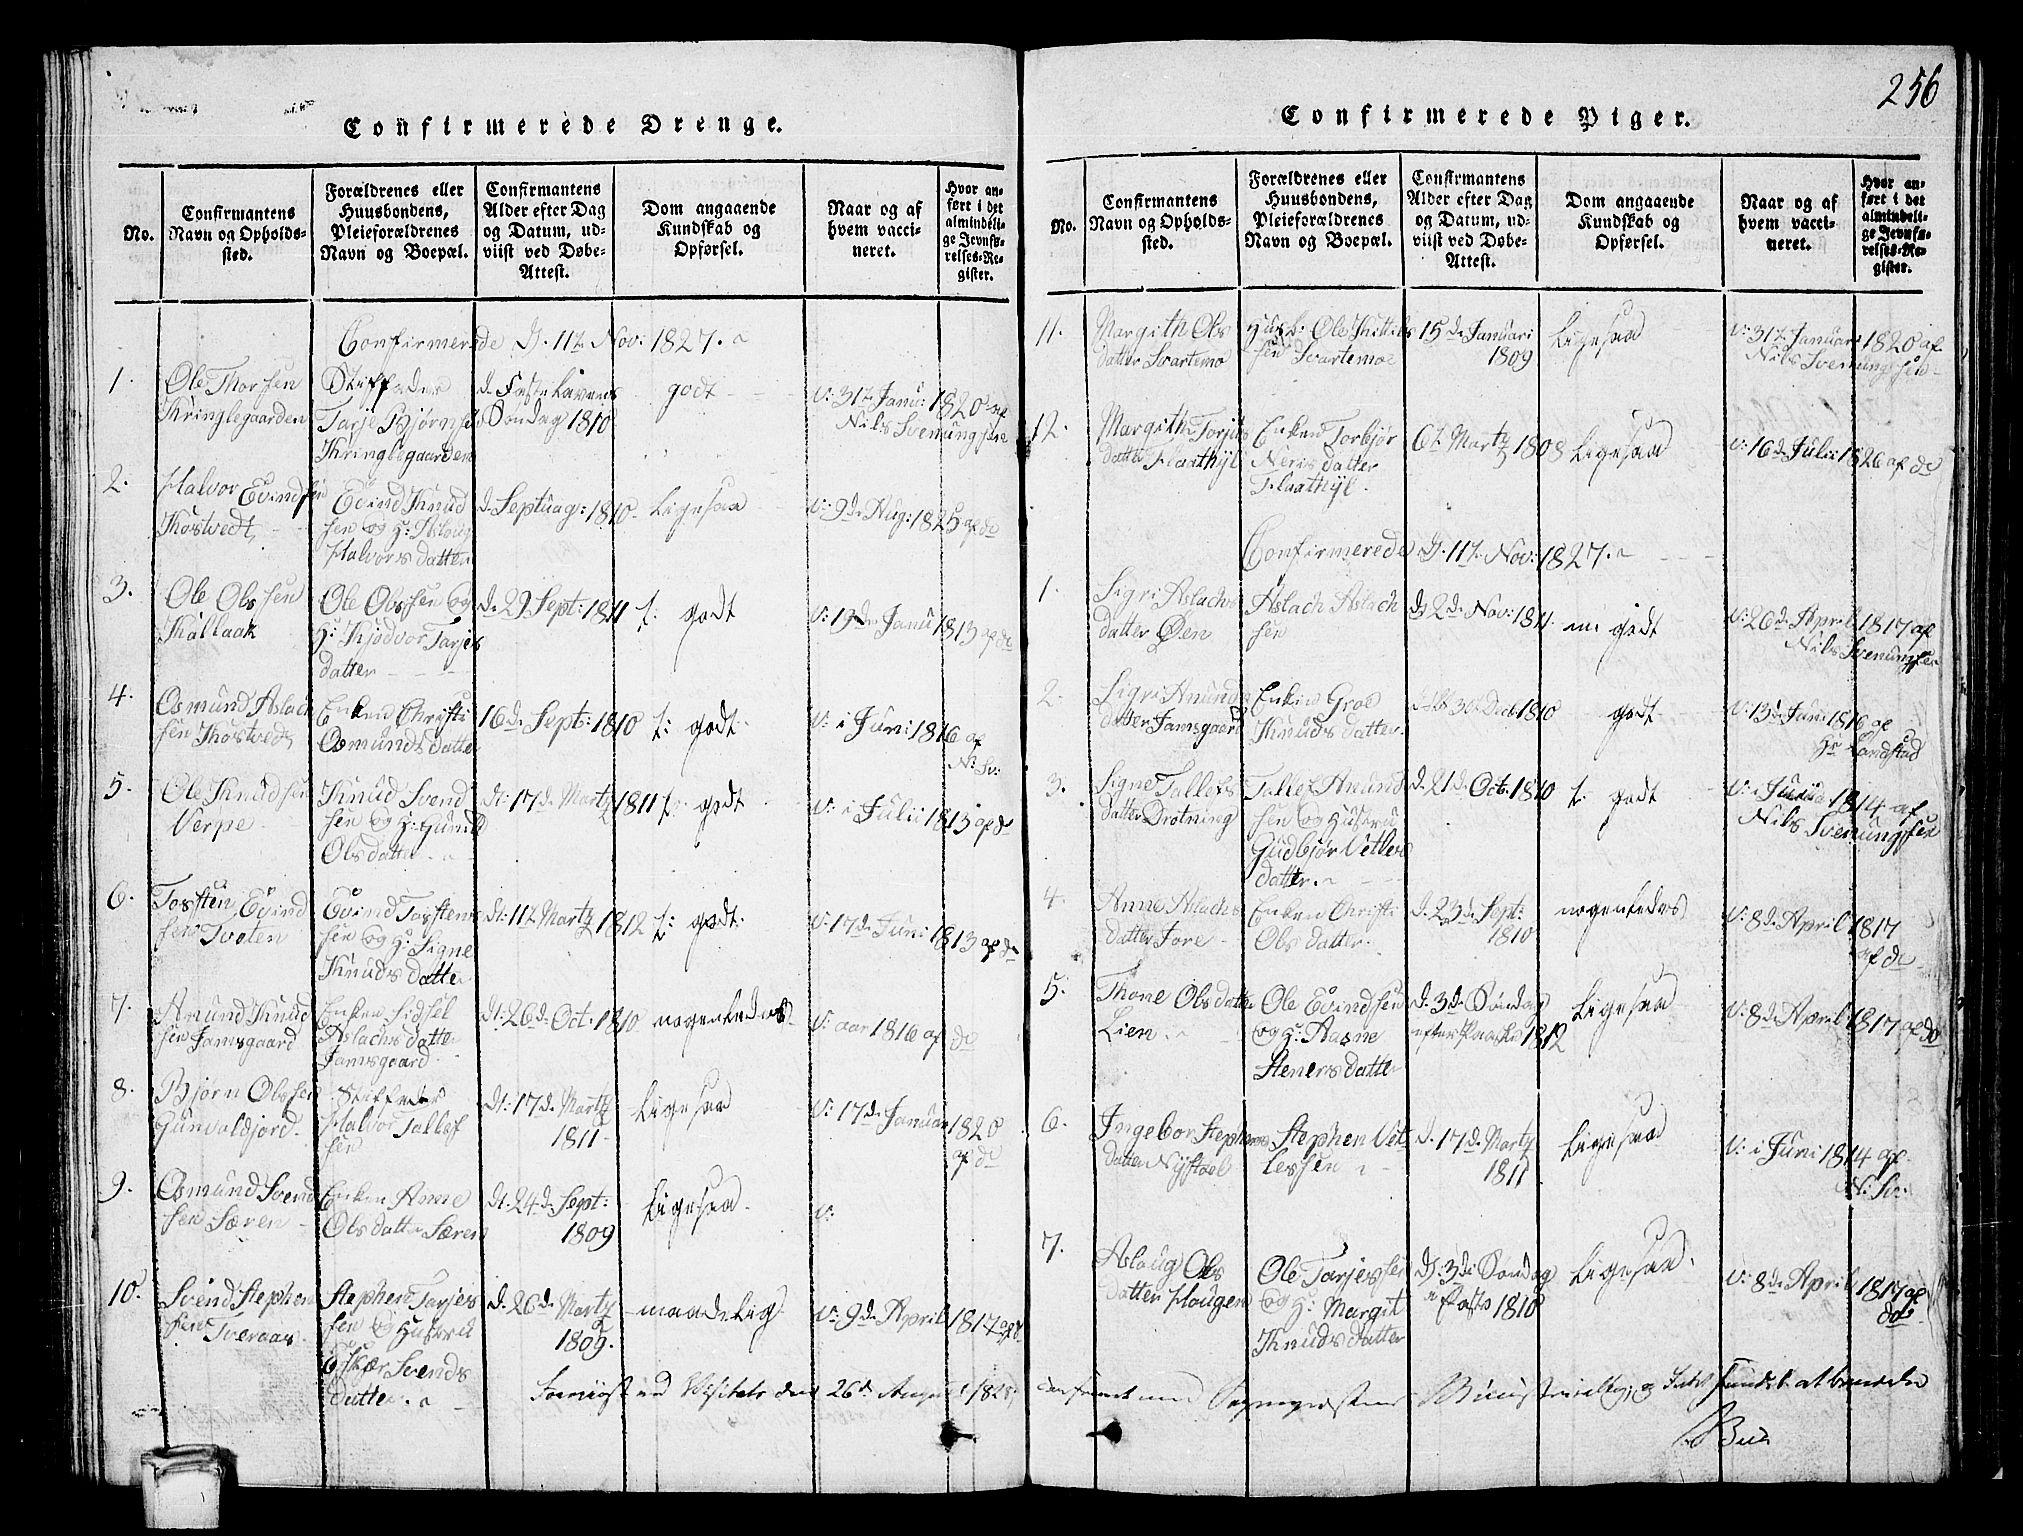 SAKO, Vinje kirkebøker, G/Ga/L0001: Klokkerbok nr. I 1, 1814-1843, s. 256